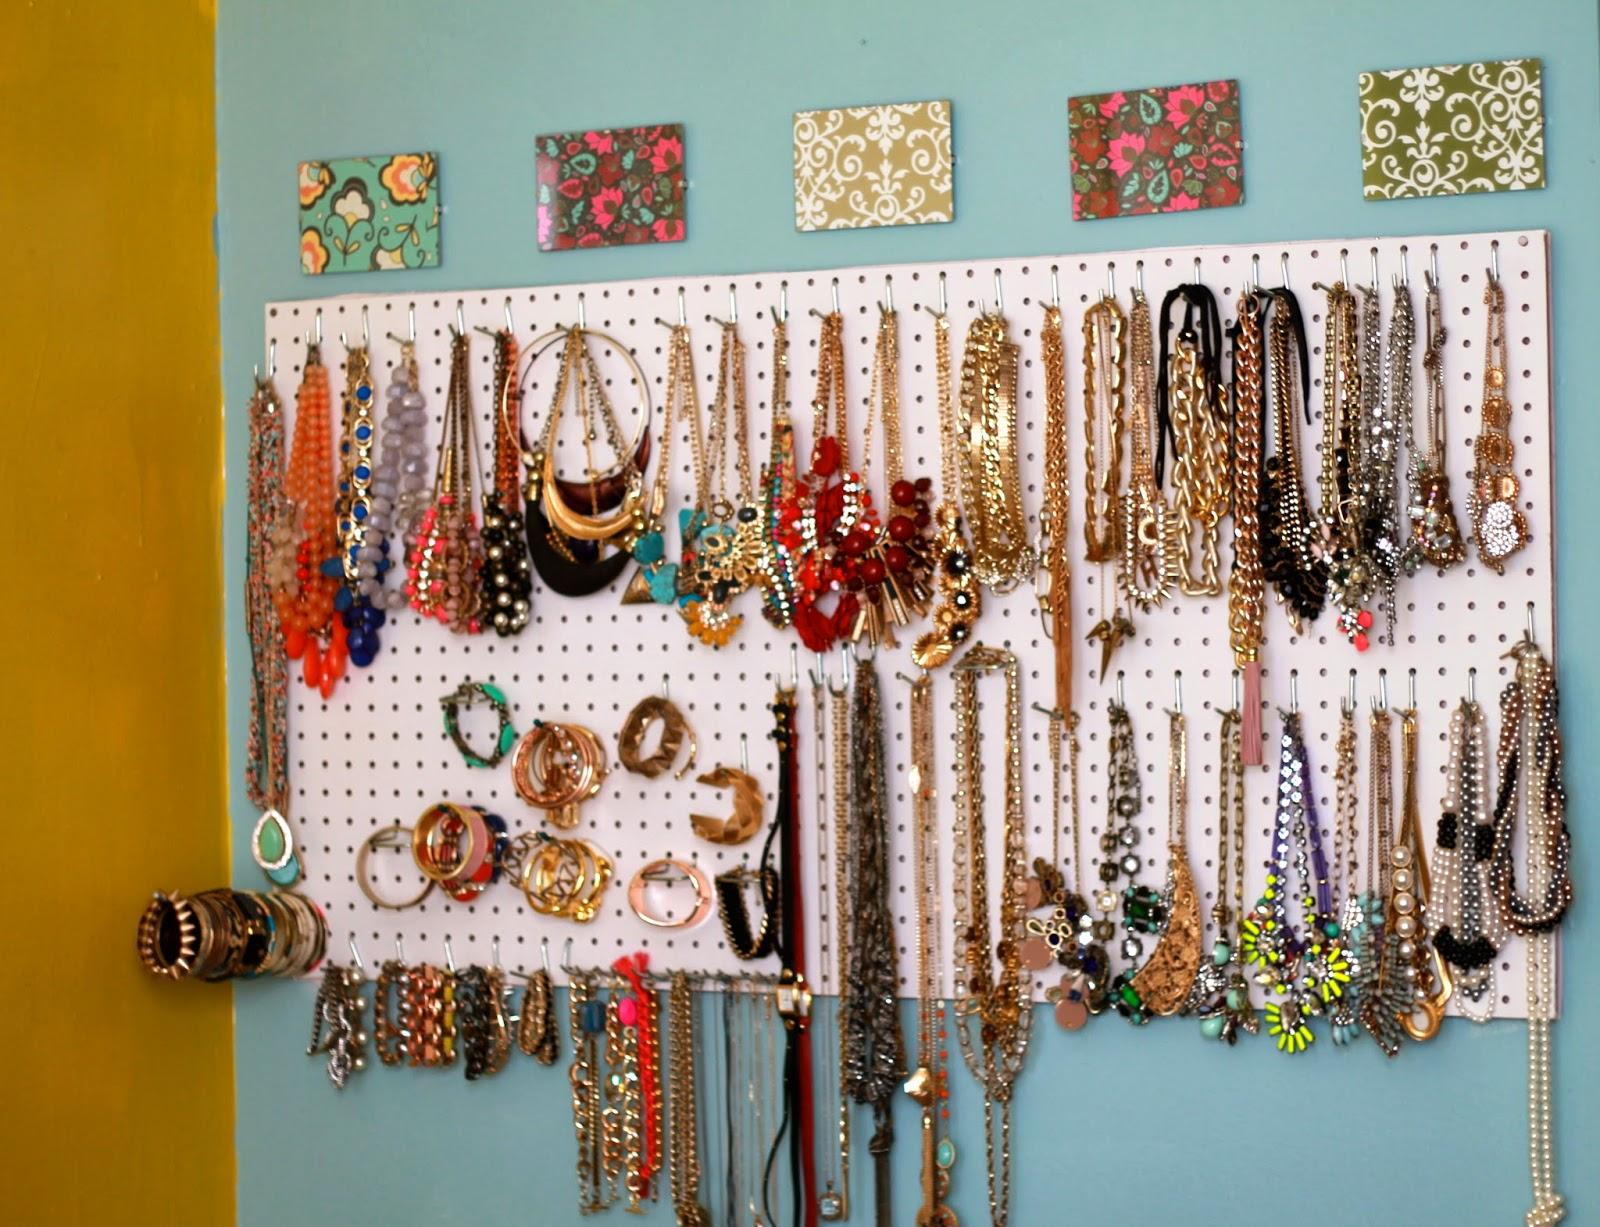 jewlery, storage, Organization